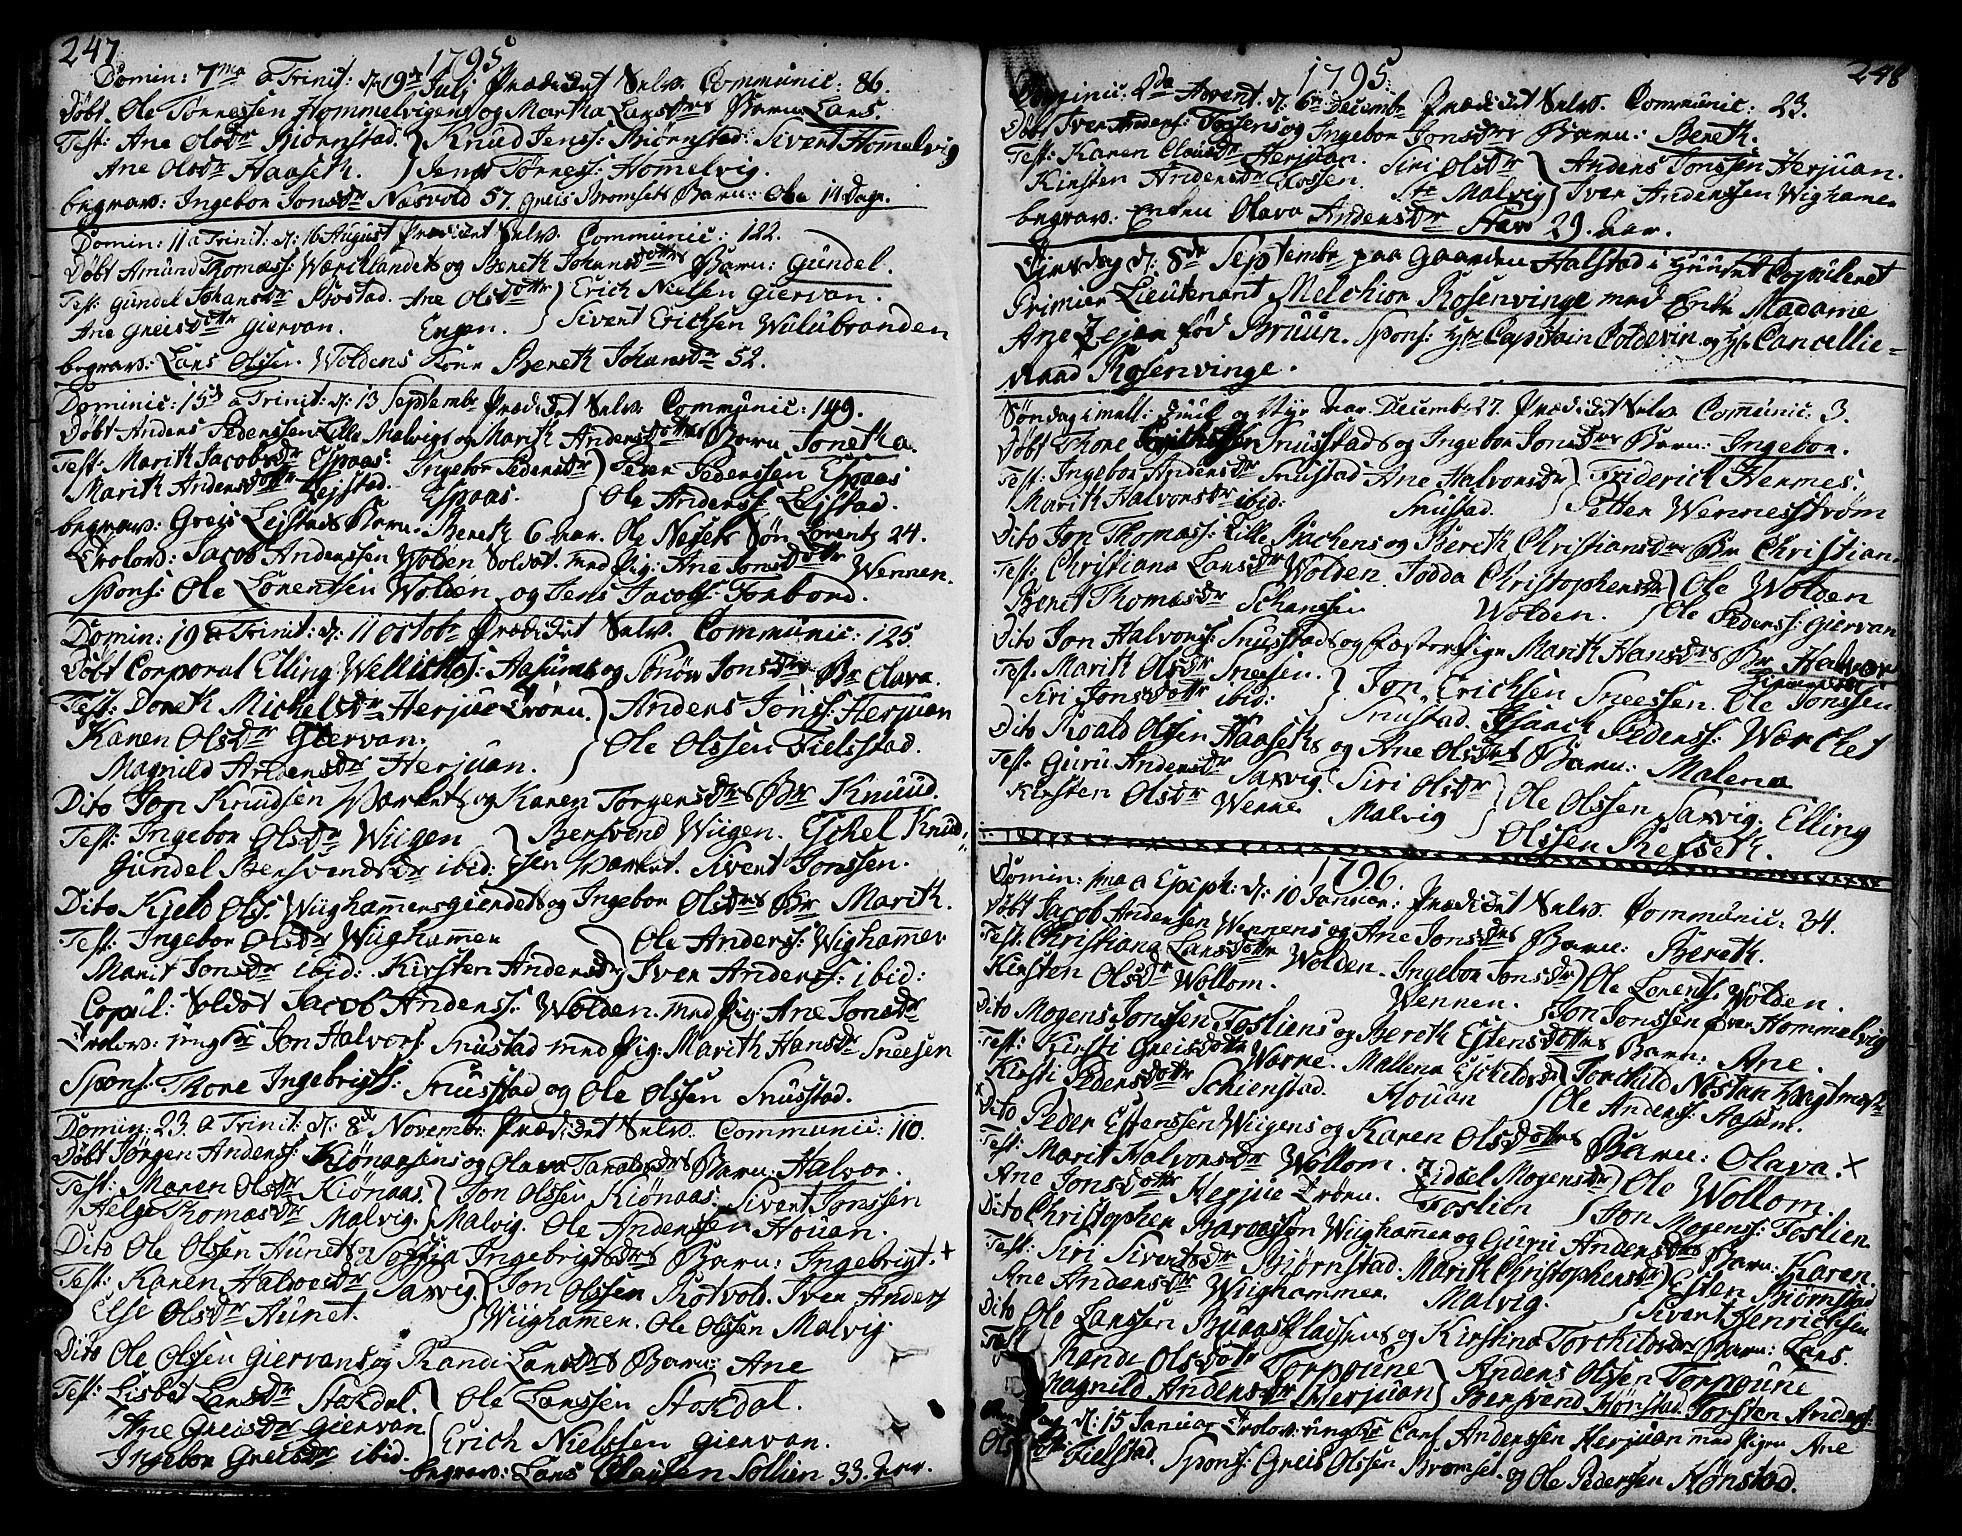 SAT, Ministerialprotokoller, klokkerbøker og fødselsregistre - Sør-Trøndelag, 606/L0281: Ministerialbok nr. 606A02 /2, 1781-1817, s. 247-248